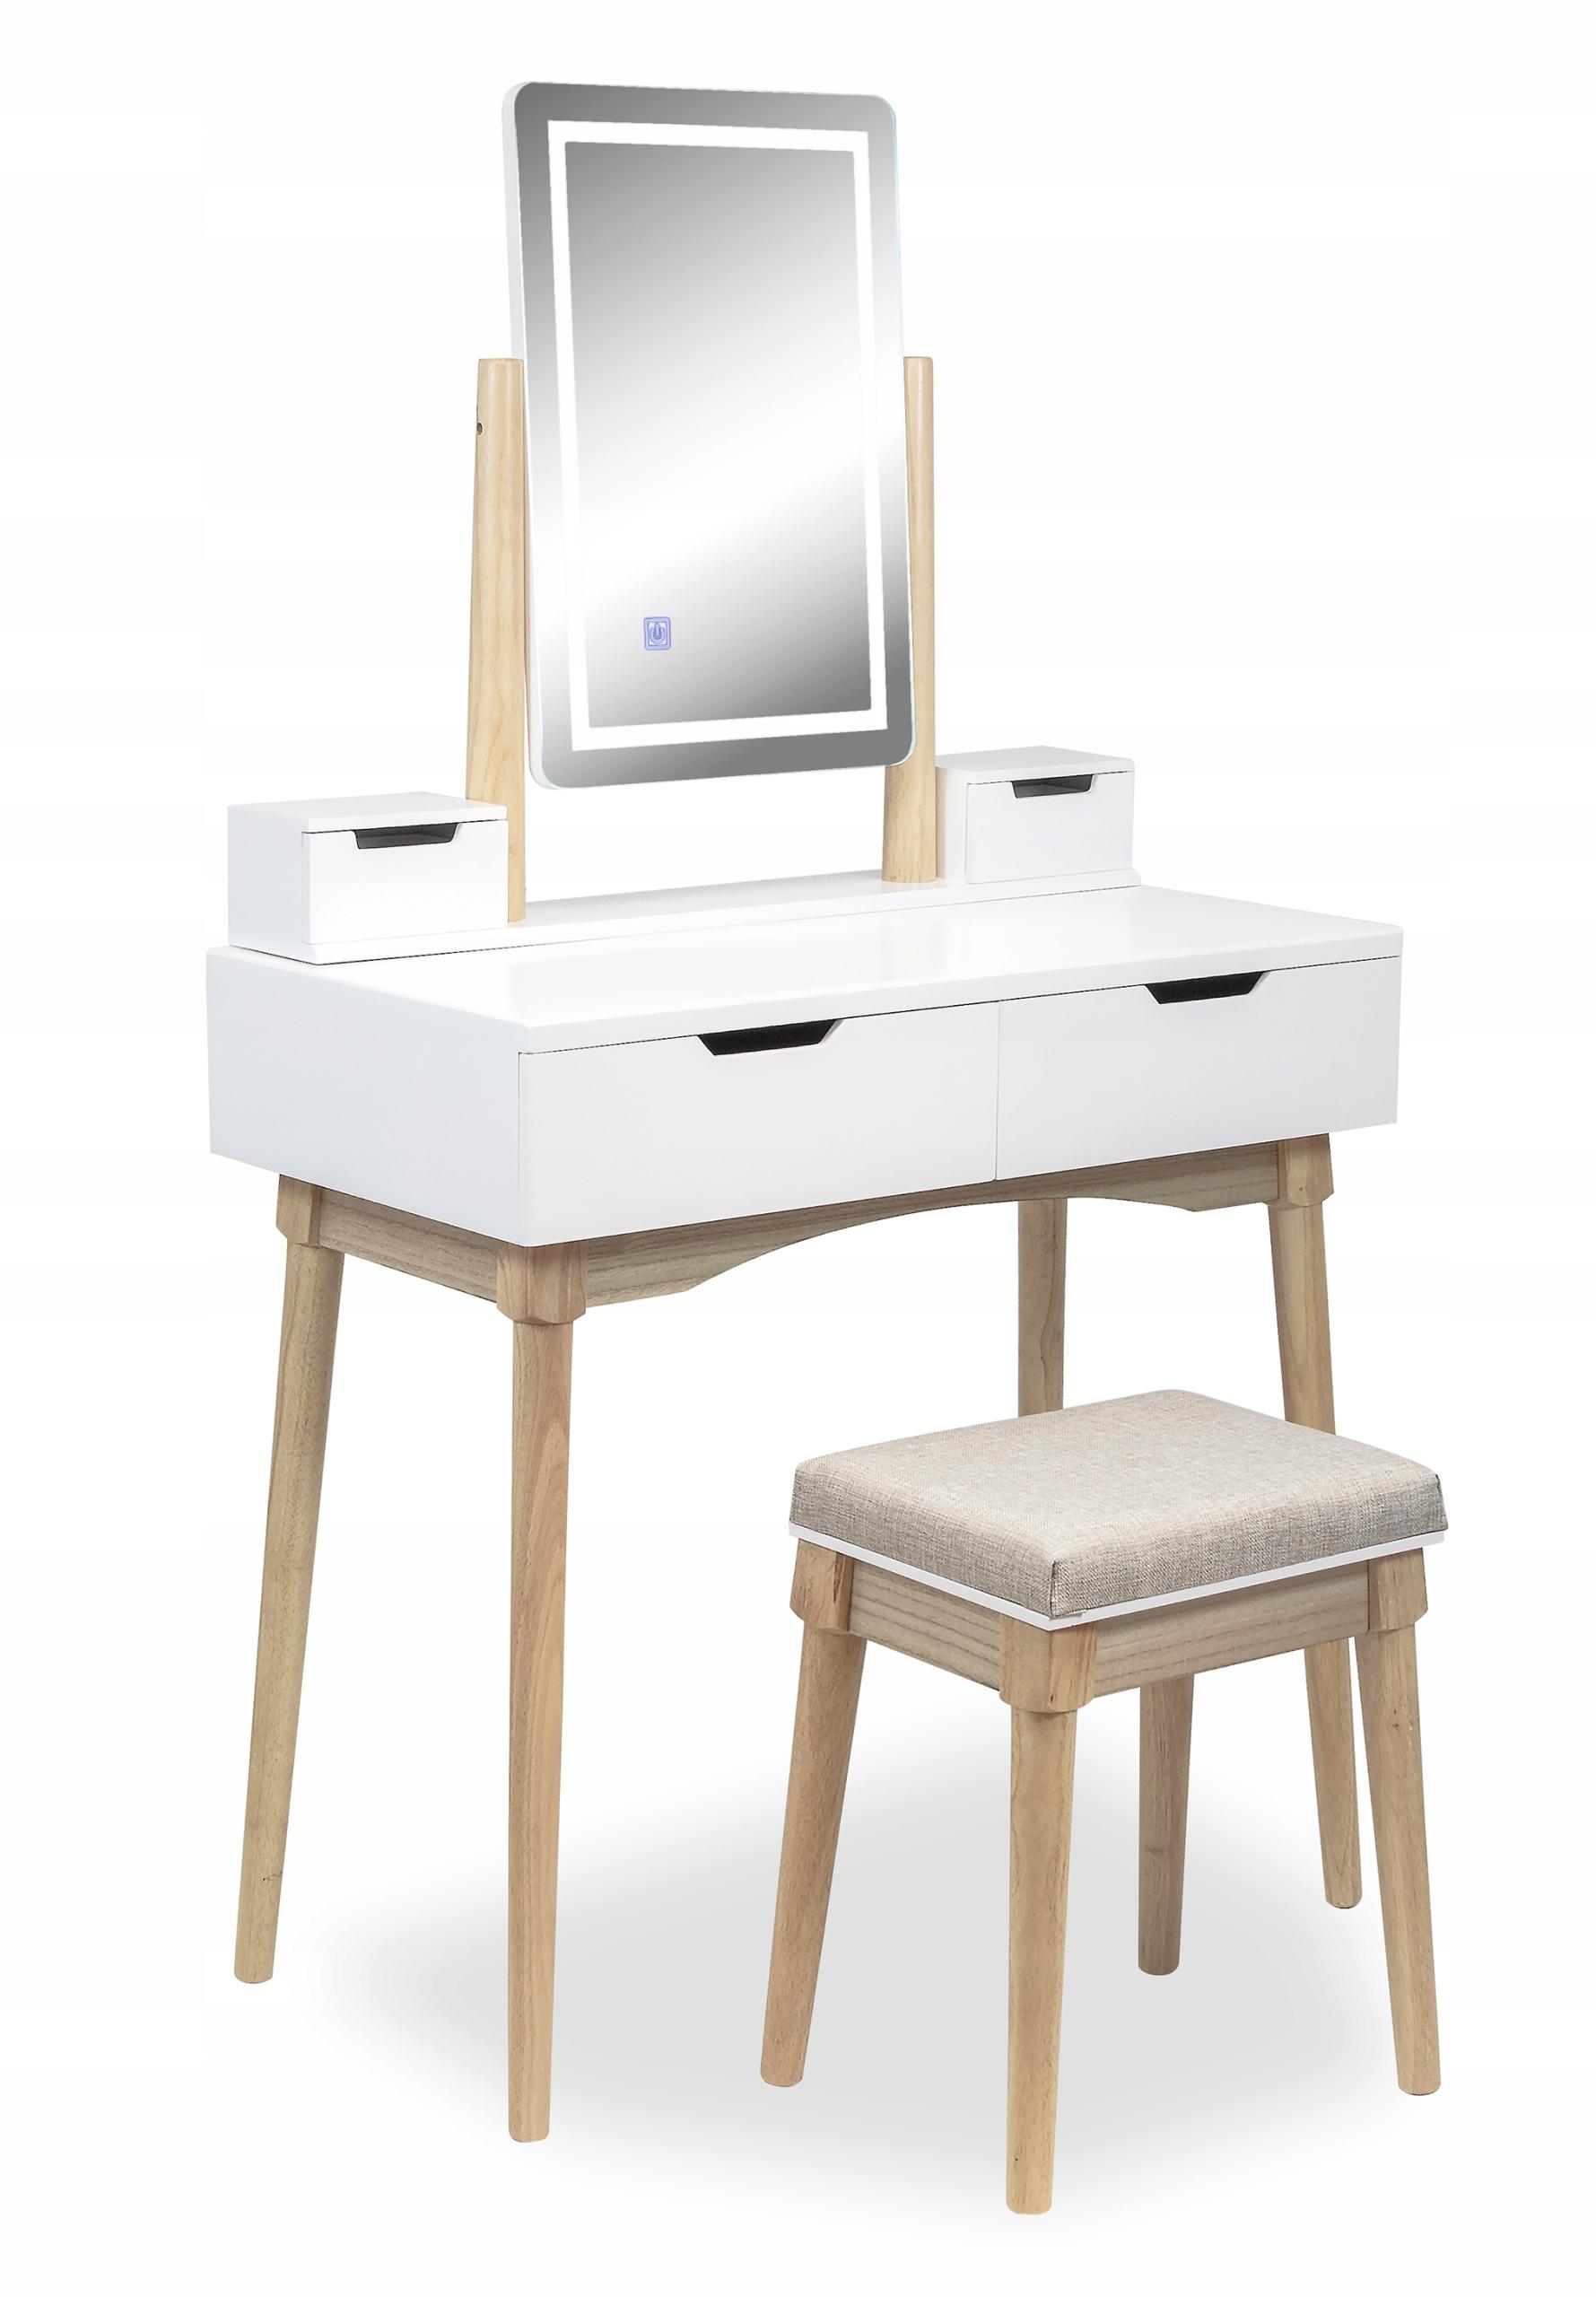 TOALETKA kosmetyczna z LUSTREM i TABORETEM +LED 4w Informacje dodatkowe podświetlenie stołek w zestawie